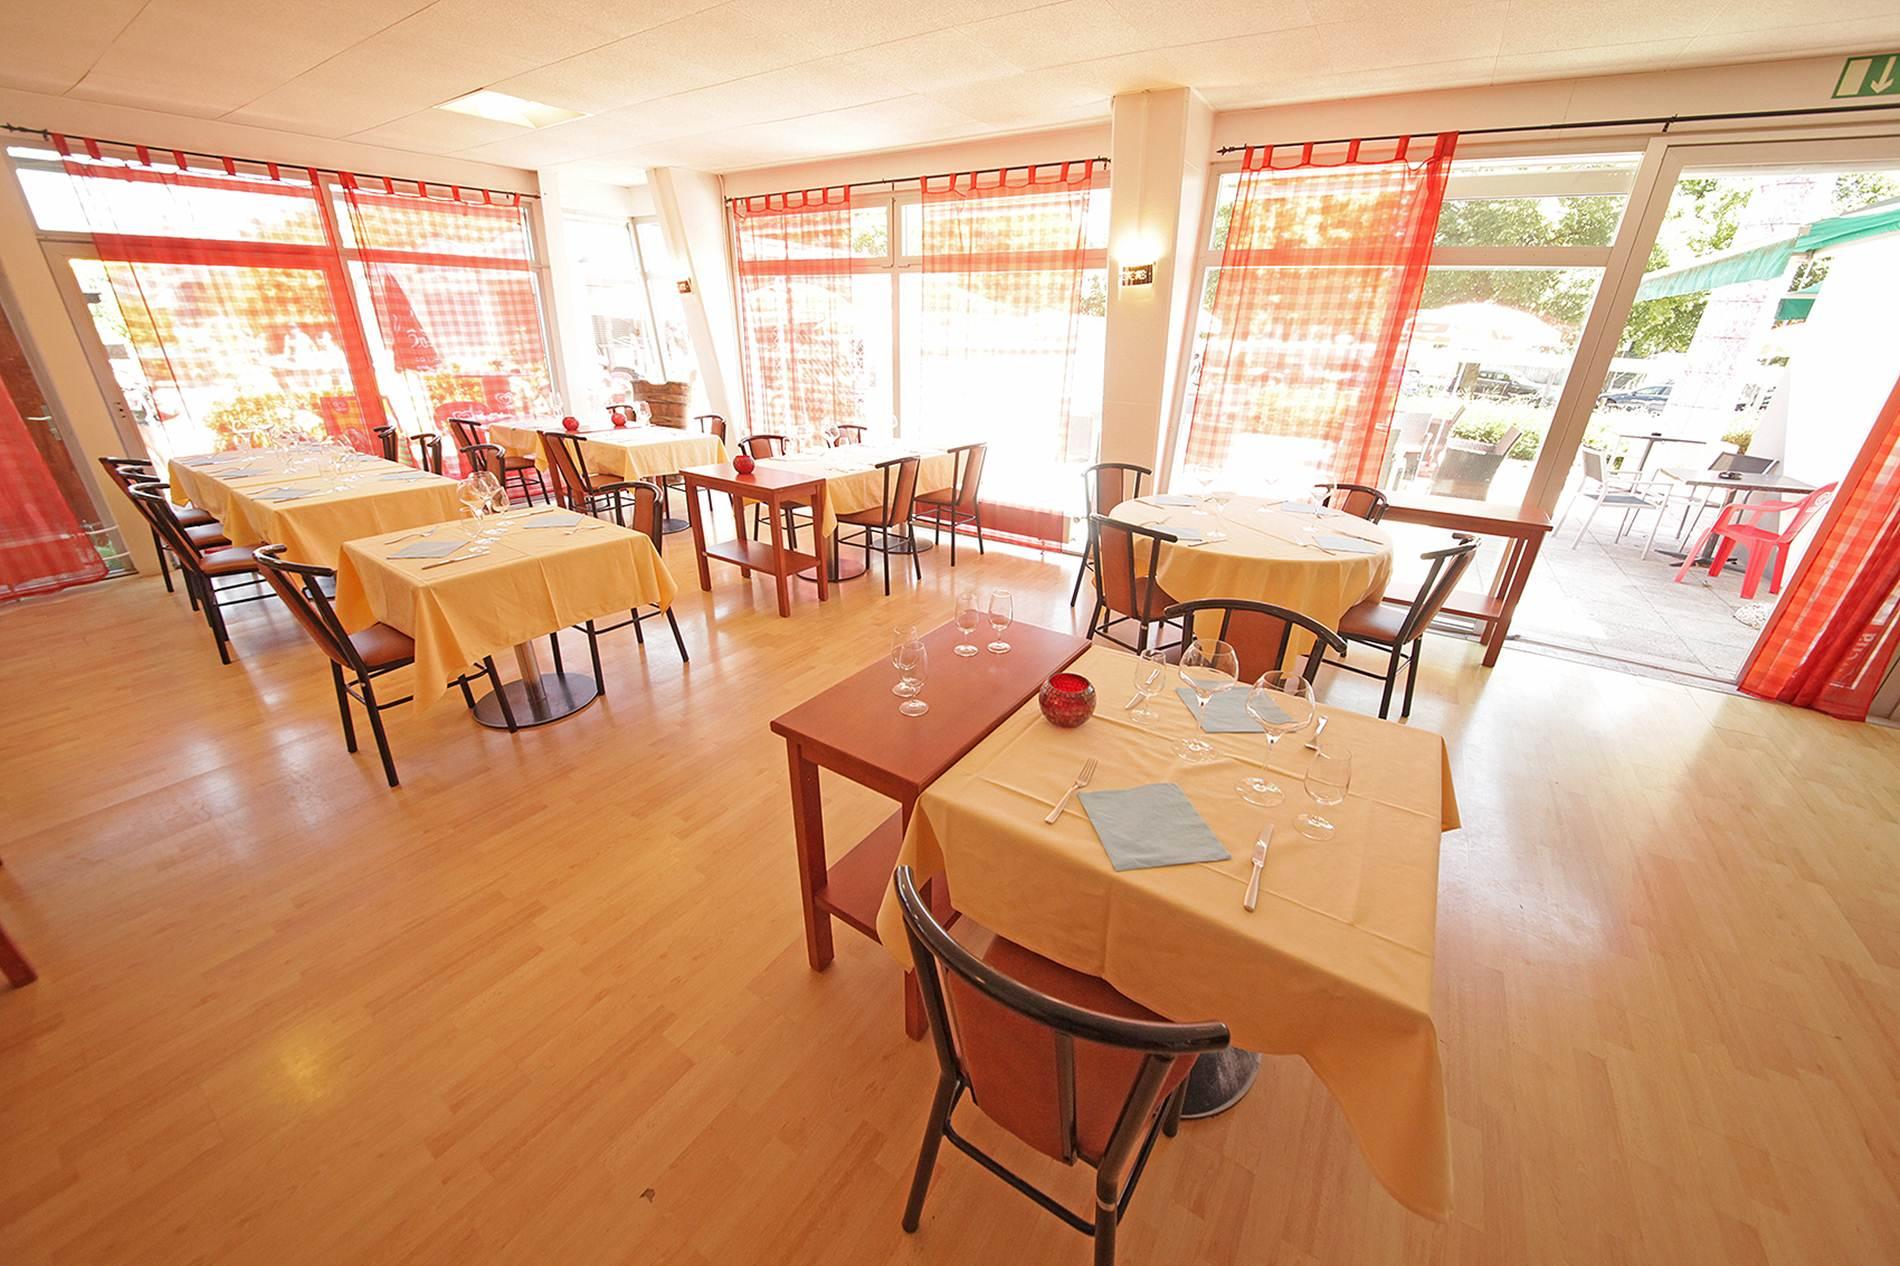 Restaurant-Terrasse-Piscine-Yverdon